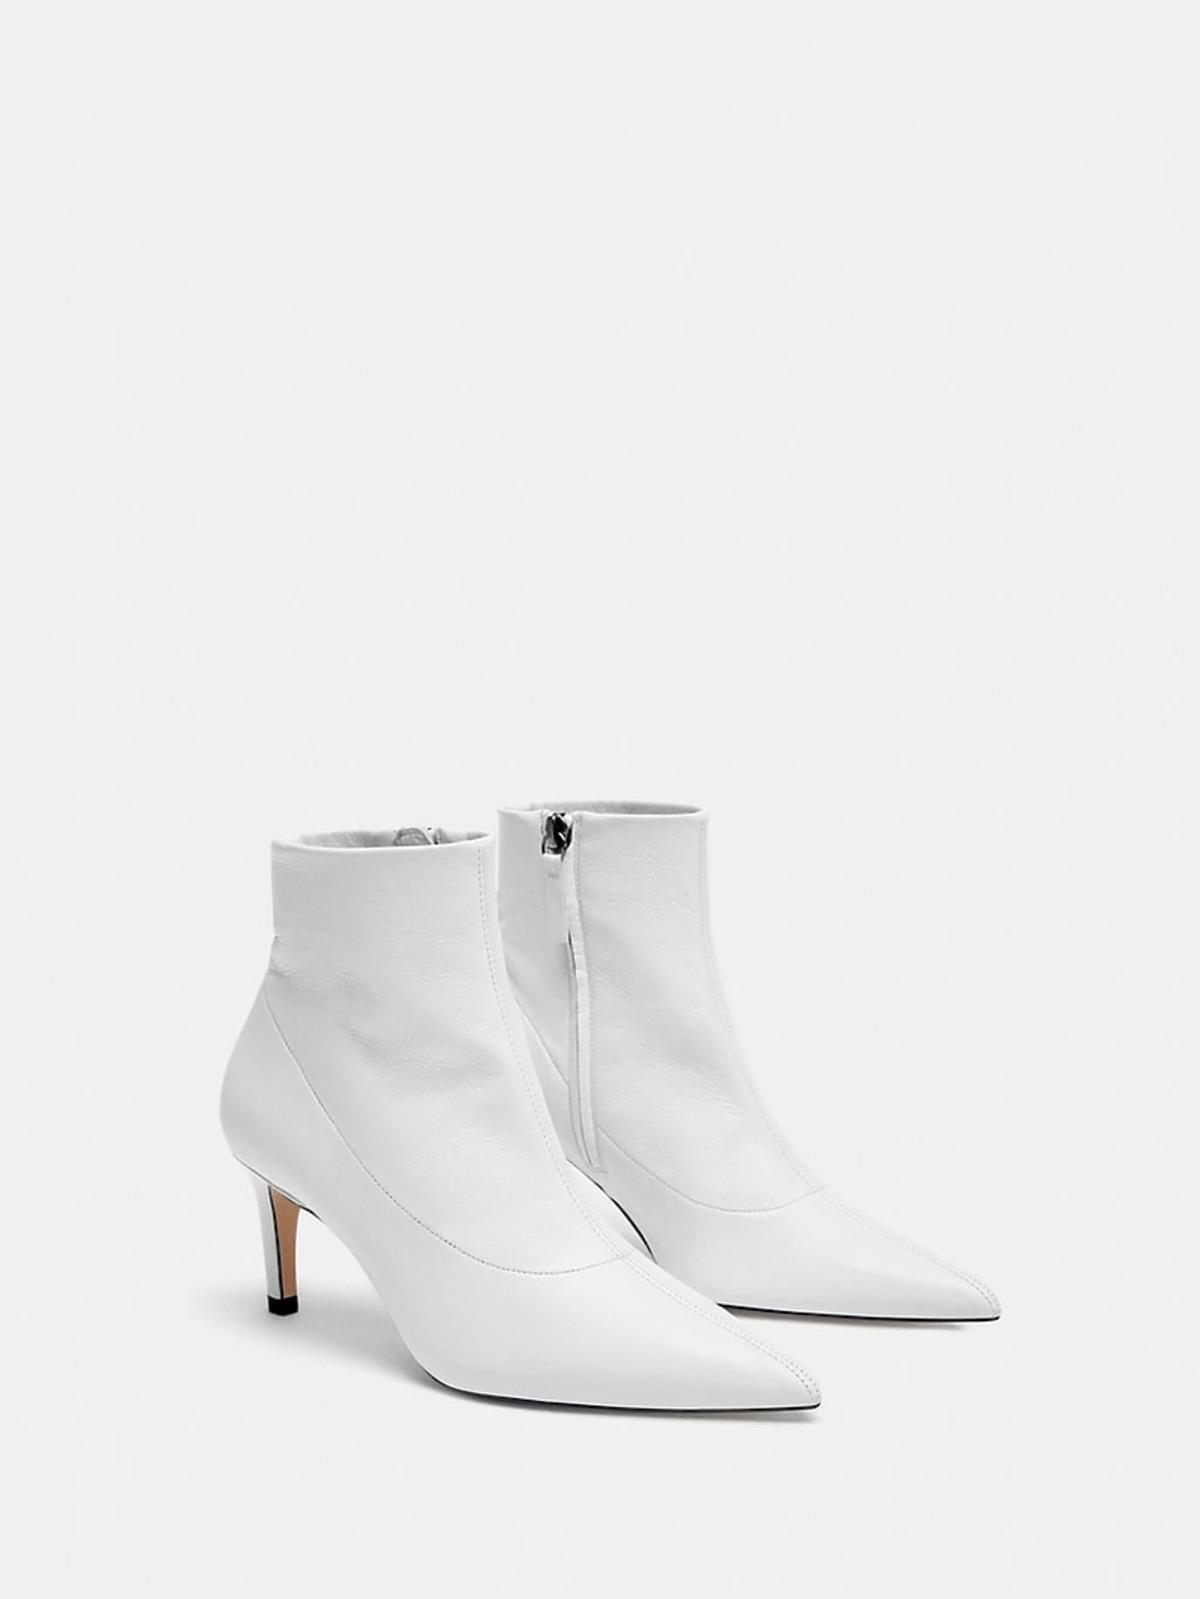 Białe botki Zara cena 299 zł